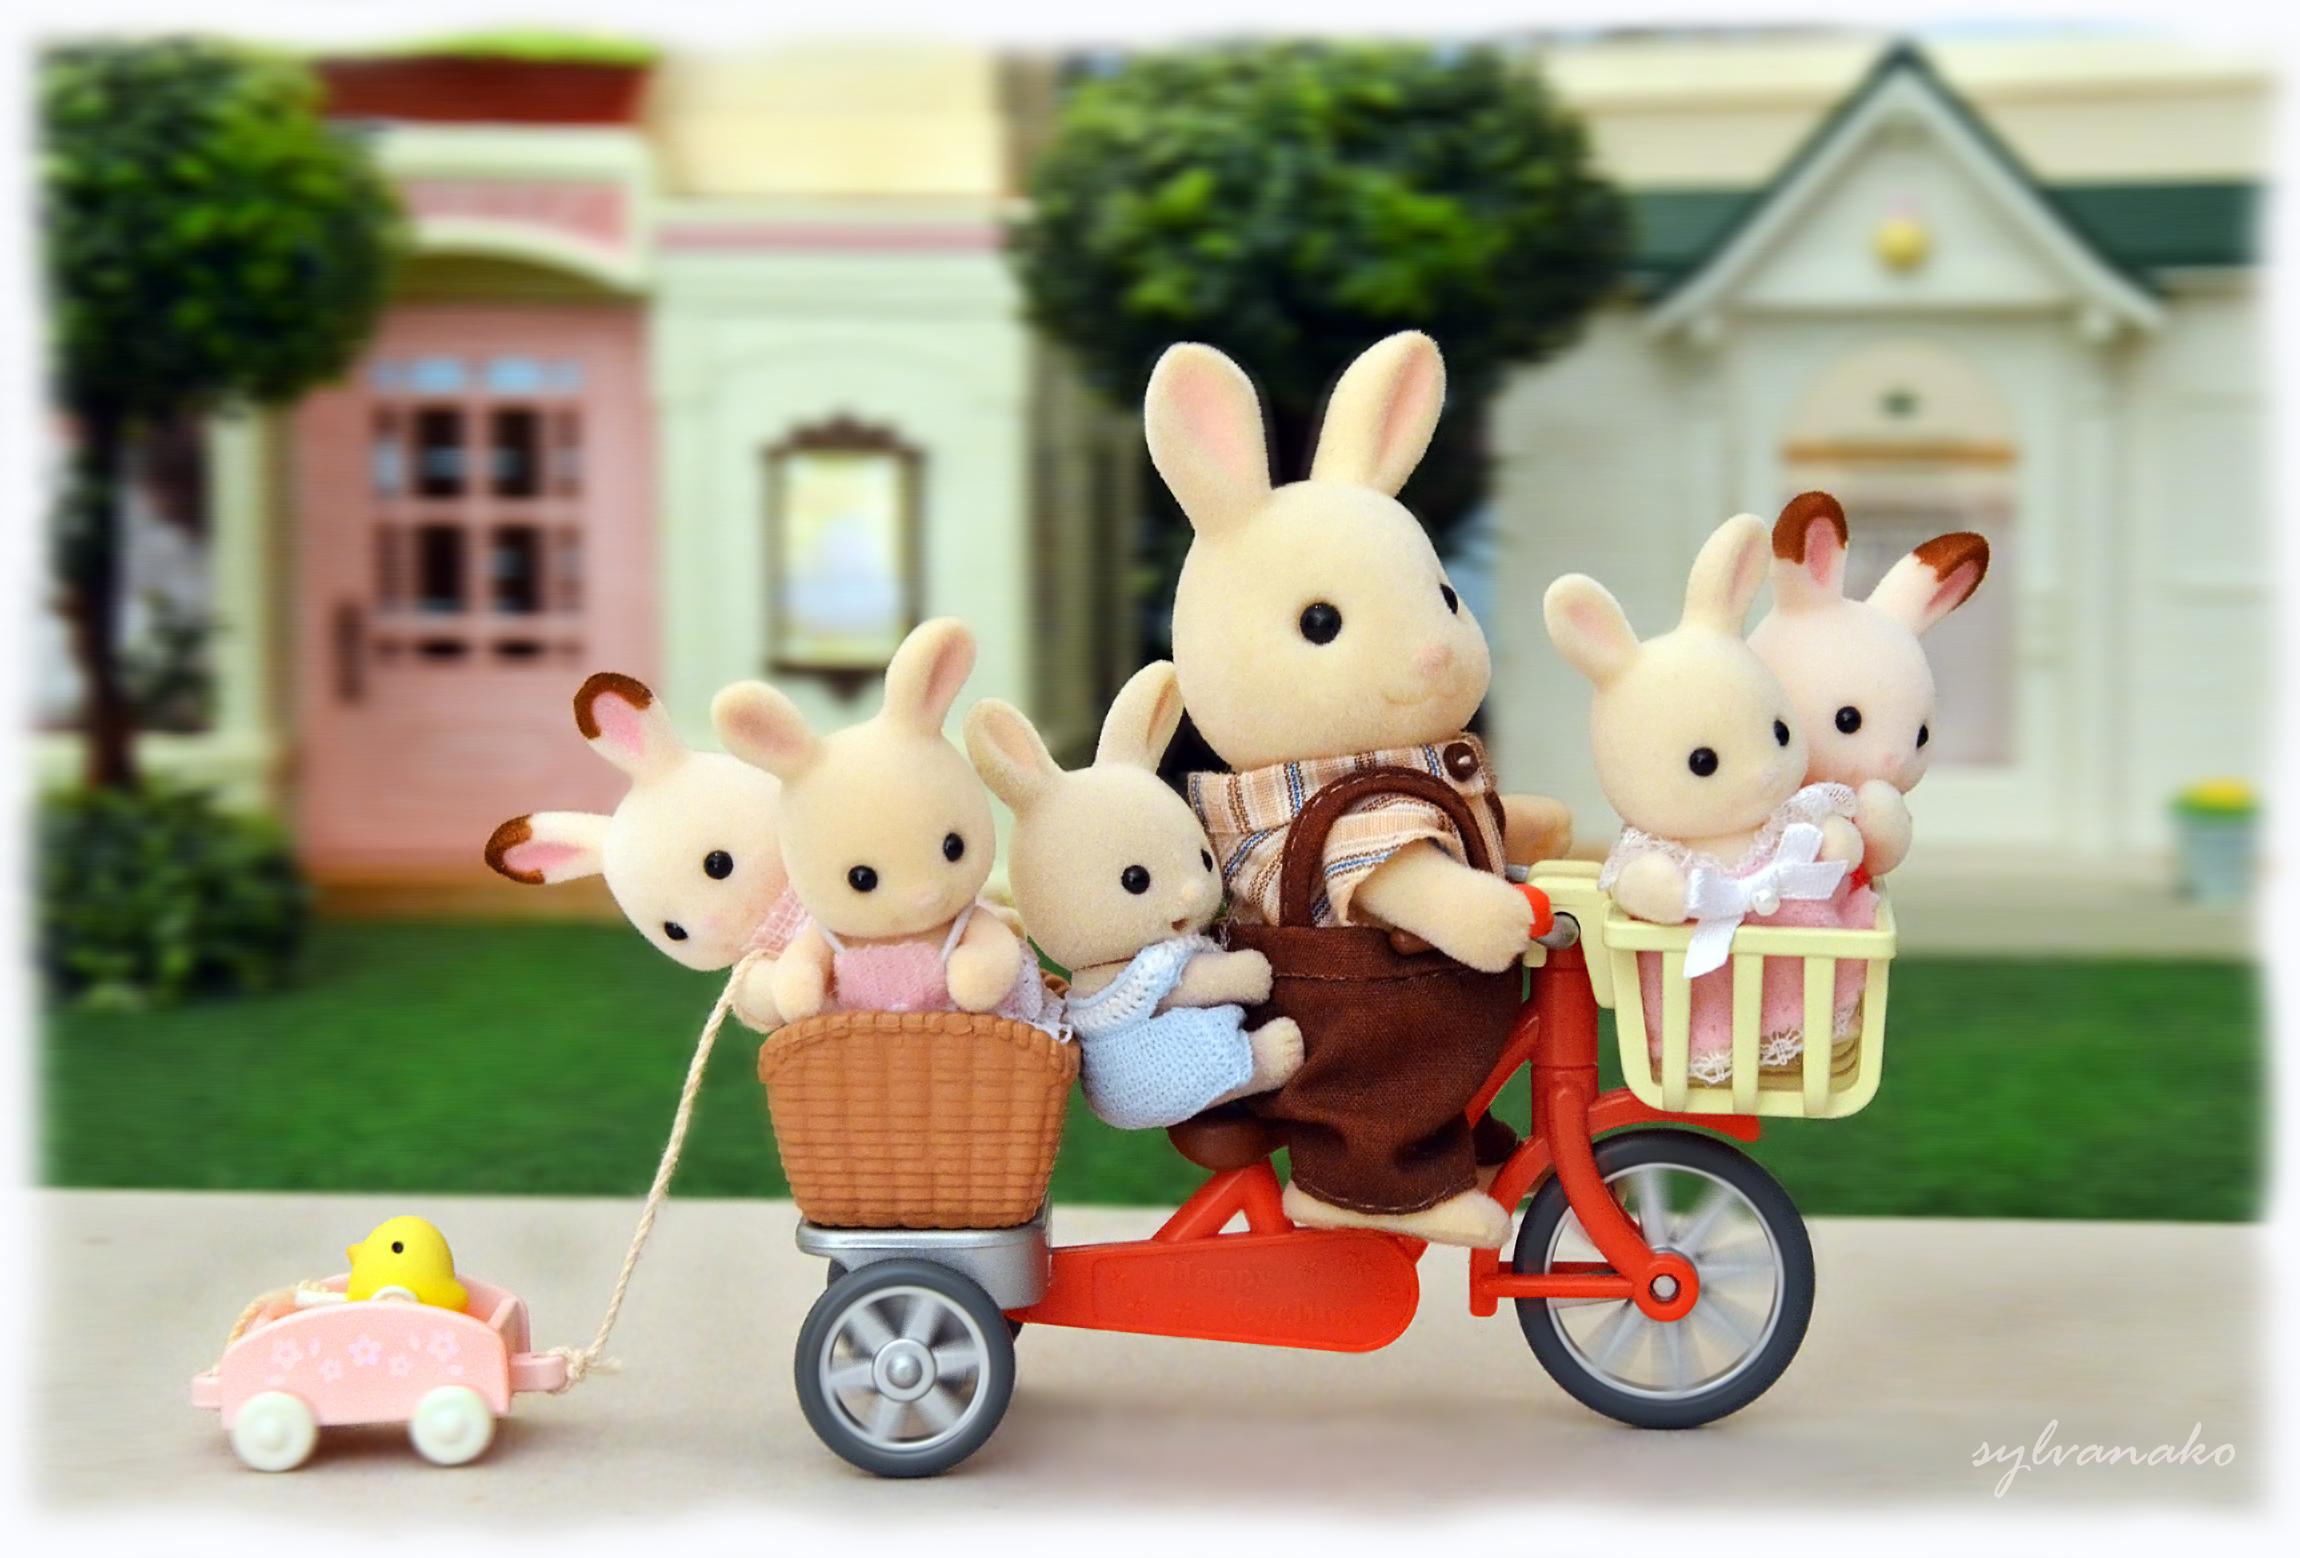 デスクトップ壁紙 スポーツ 木 おもちゃ 自転車 パーク 家族